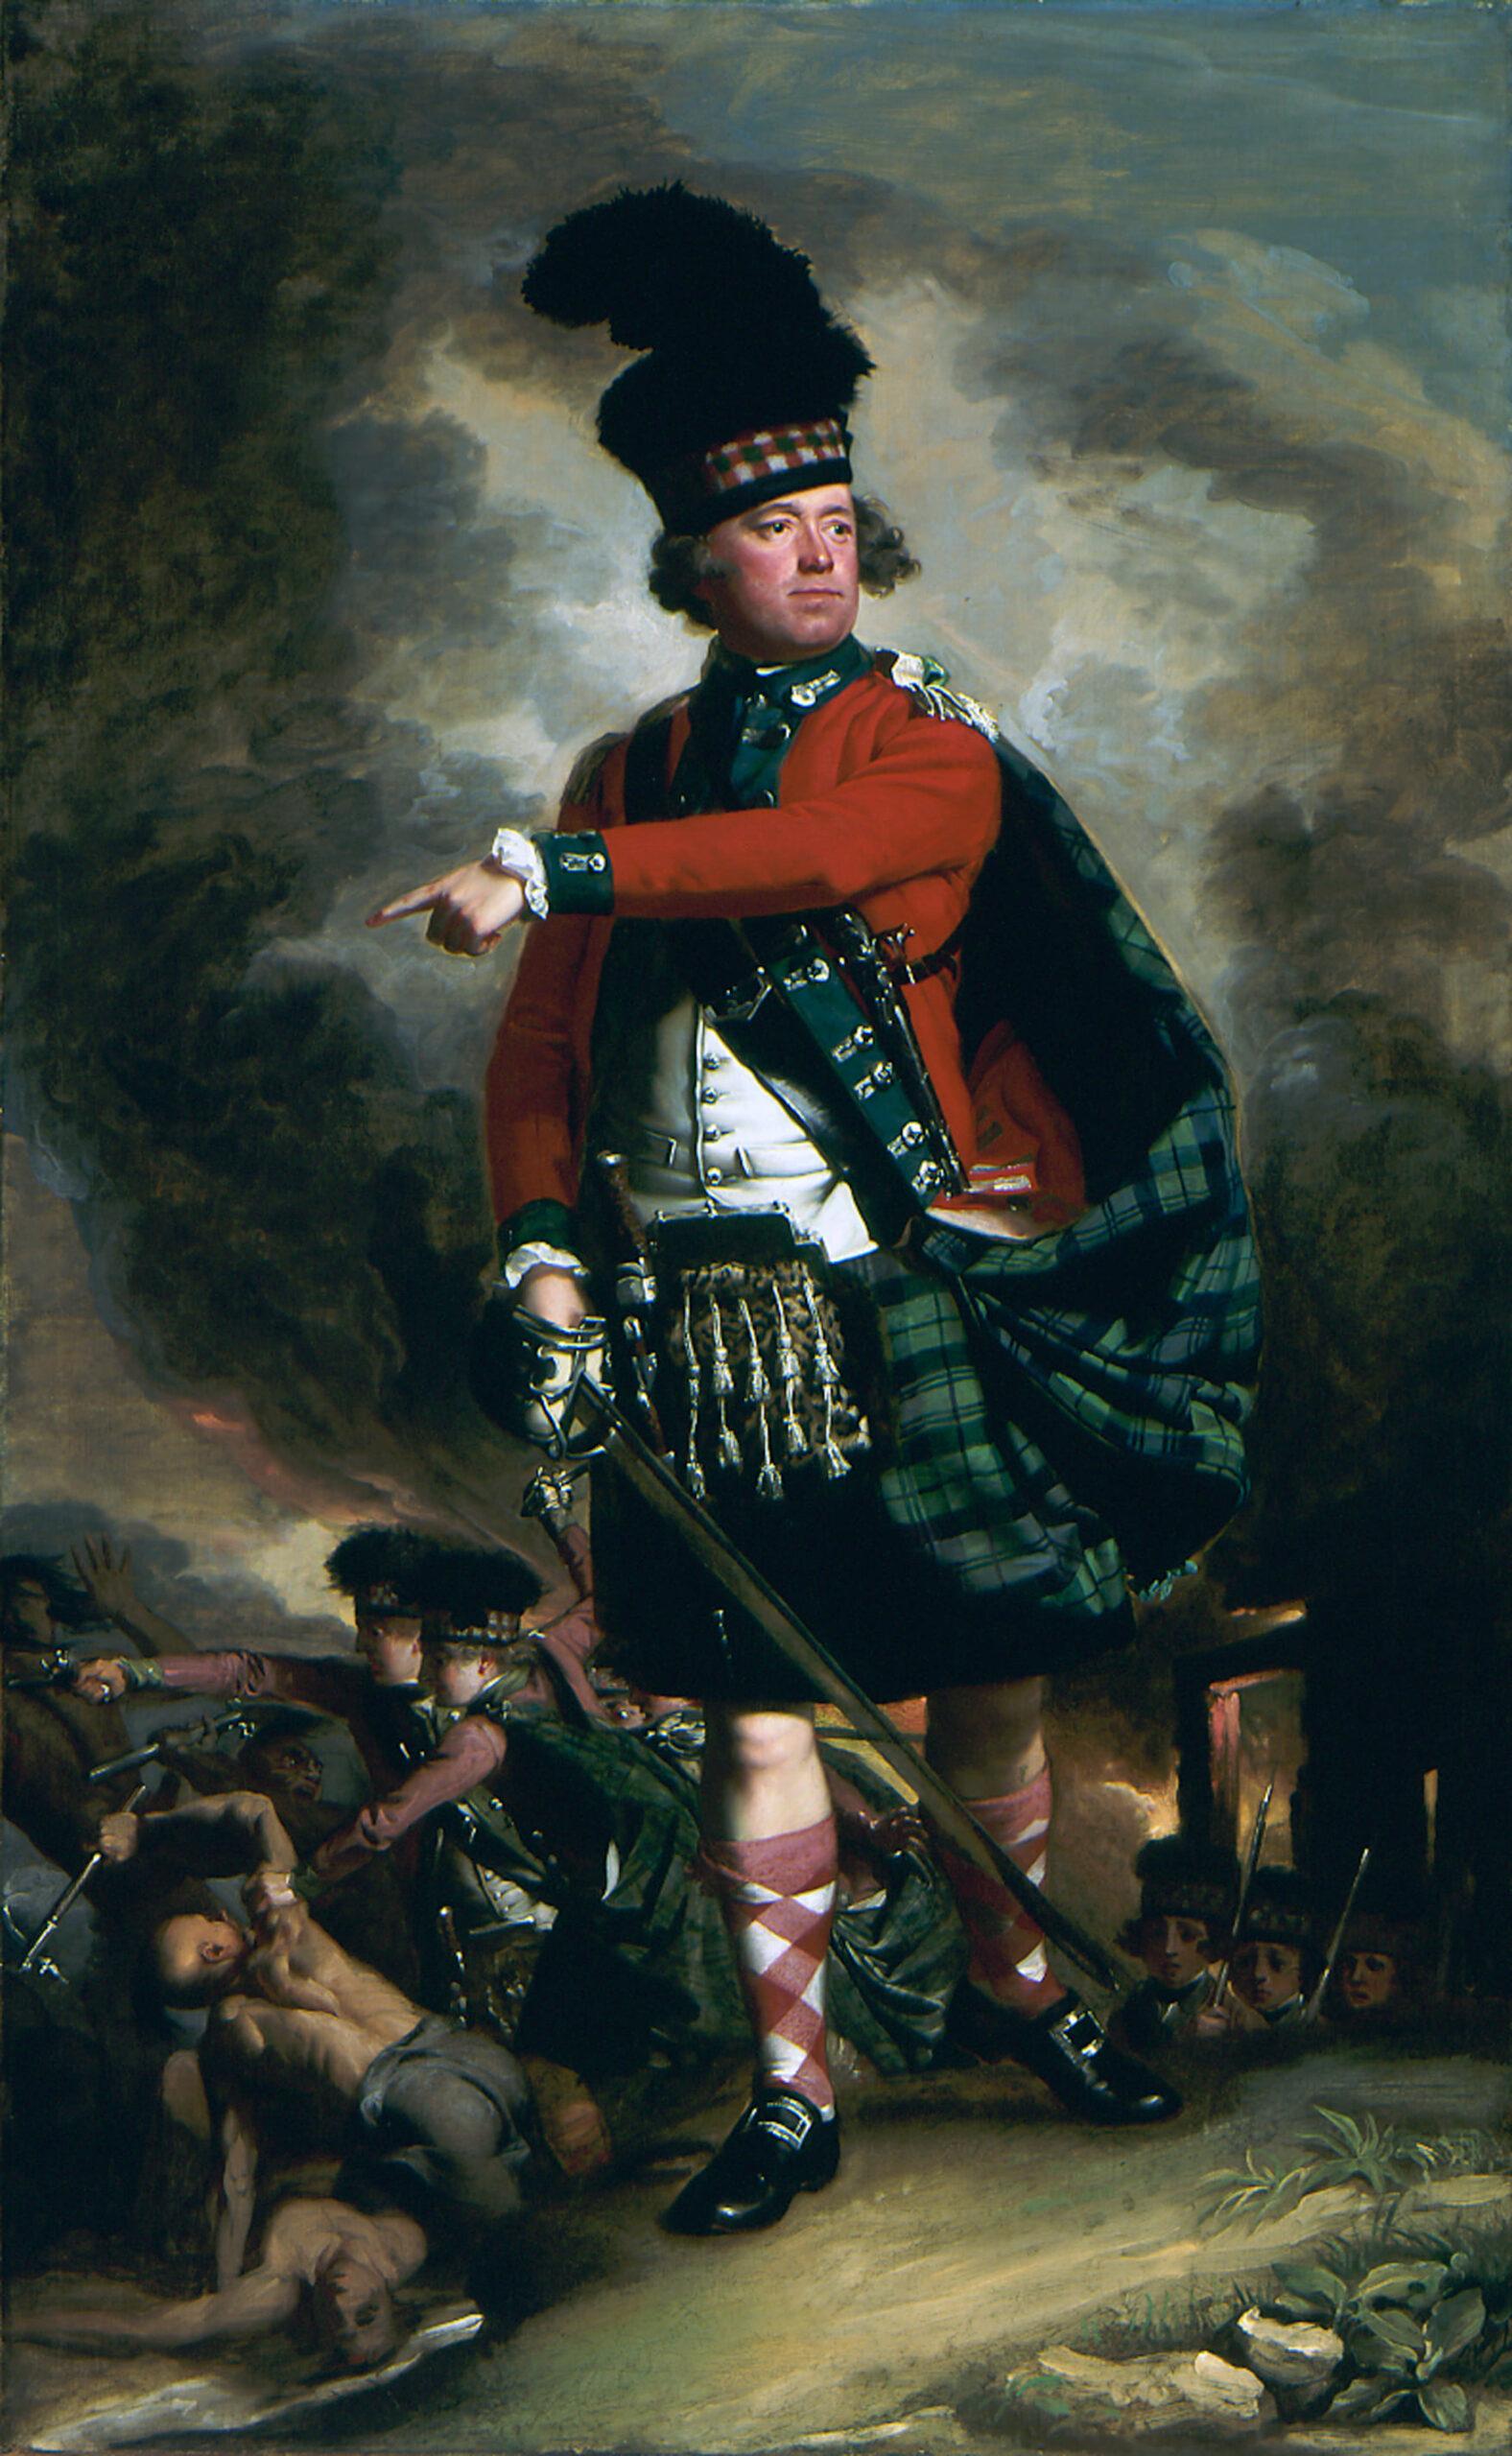 Шотландскому коменданту замка предстояло решить серьезную задачу.